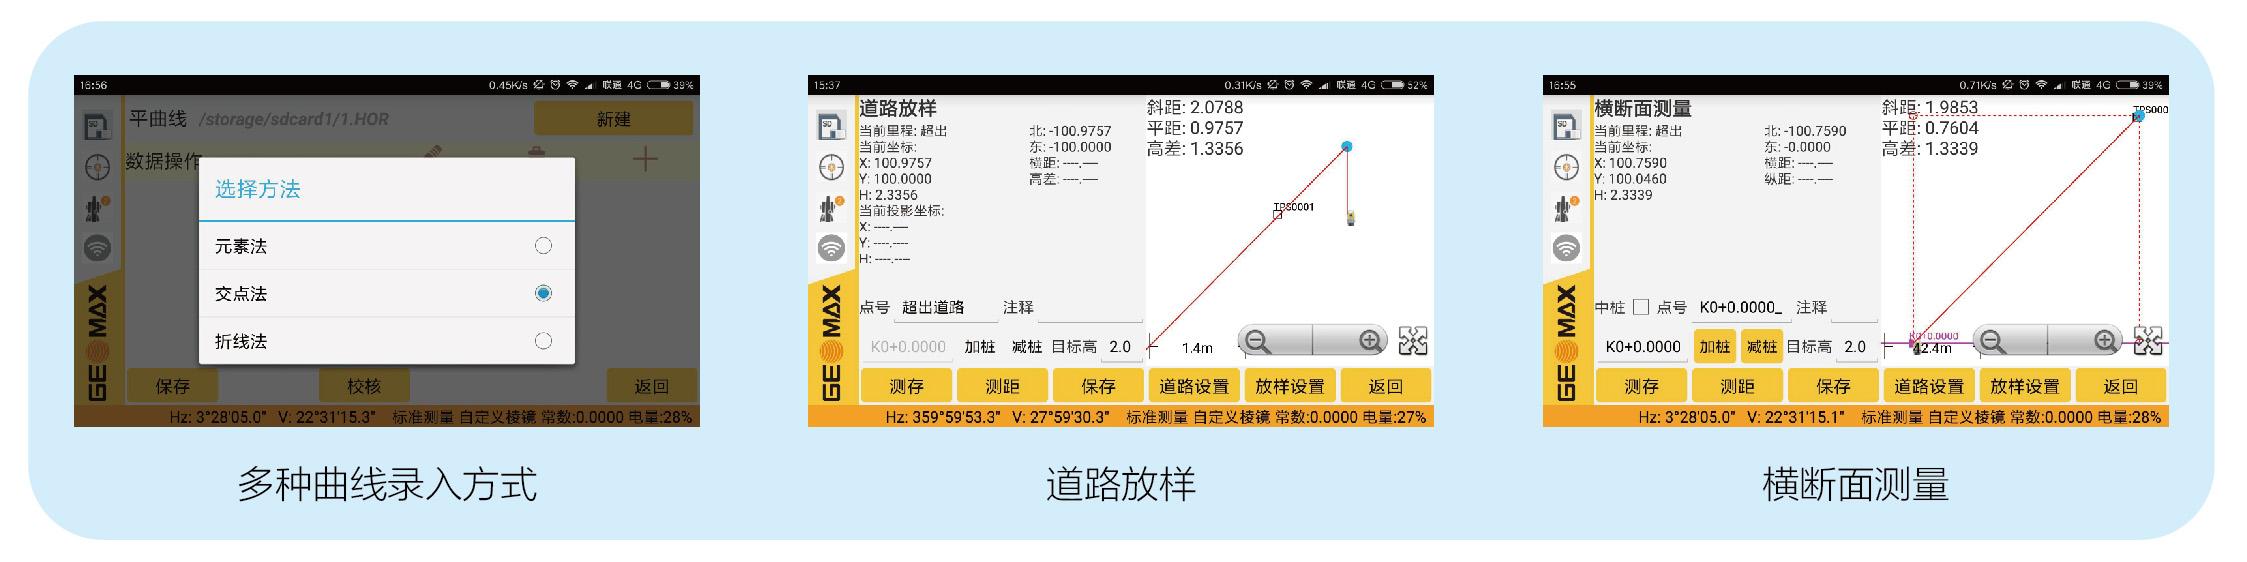 全站仪道路测量